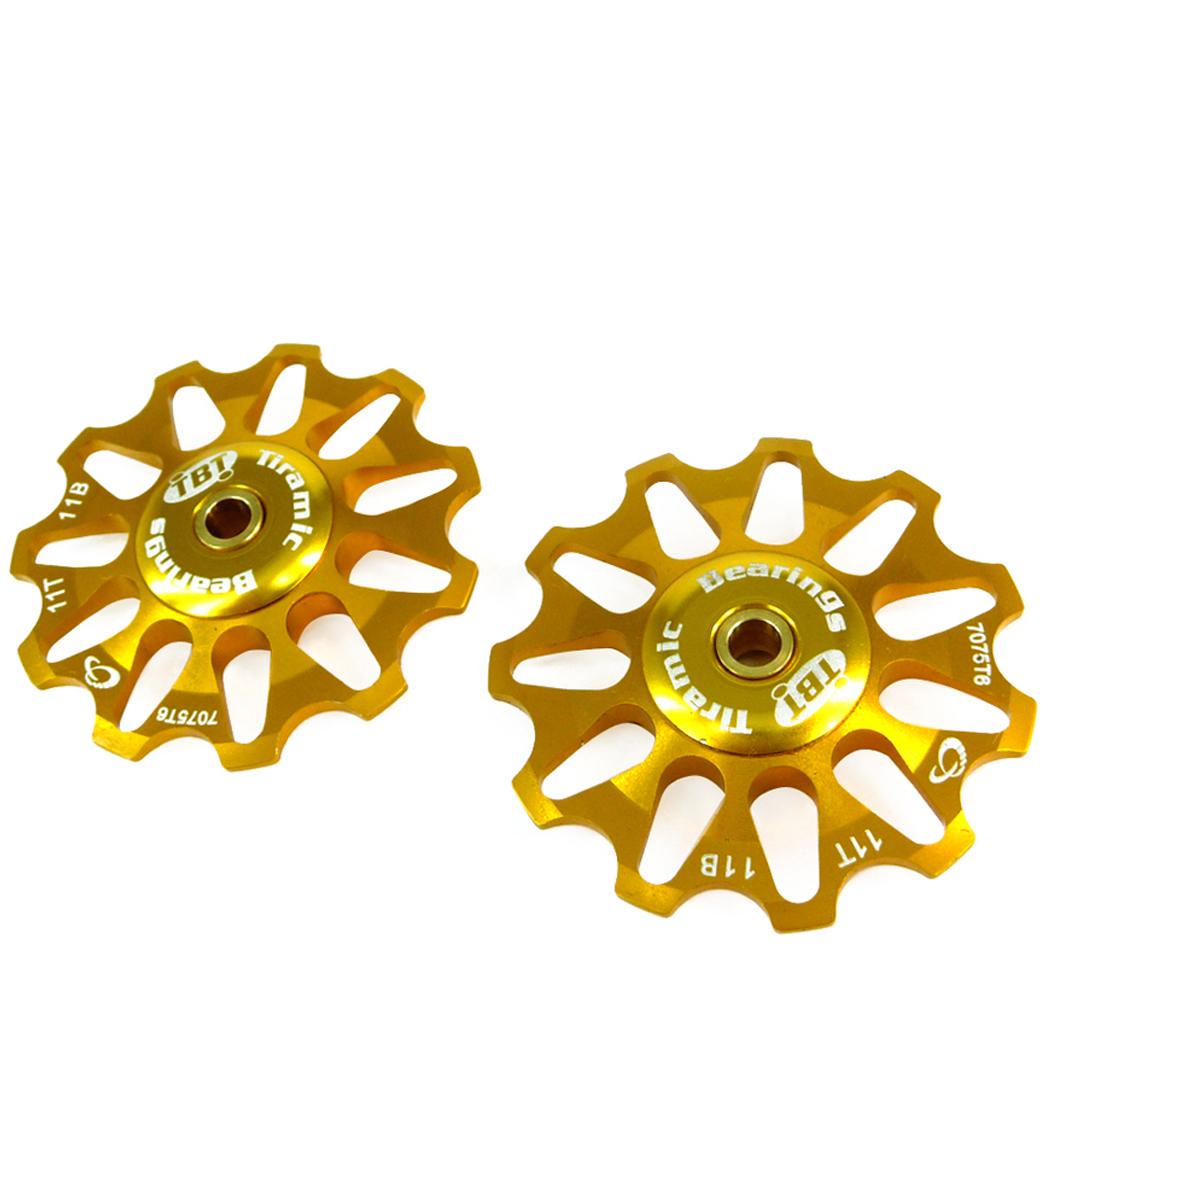 Galets de dérailleur Token 11 dents compatible Shimano/Campagnolo/SRAM XO roulements céramique or